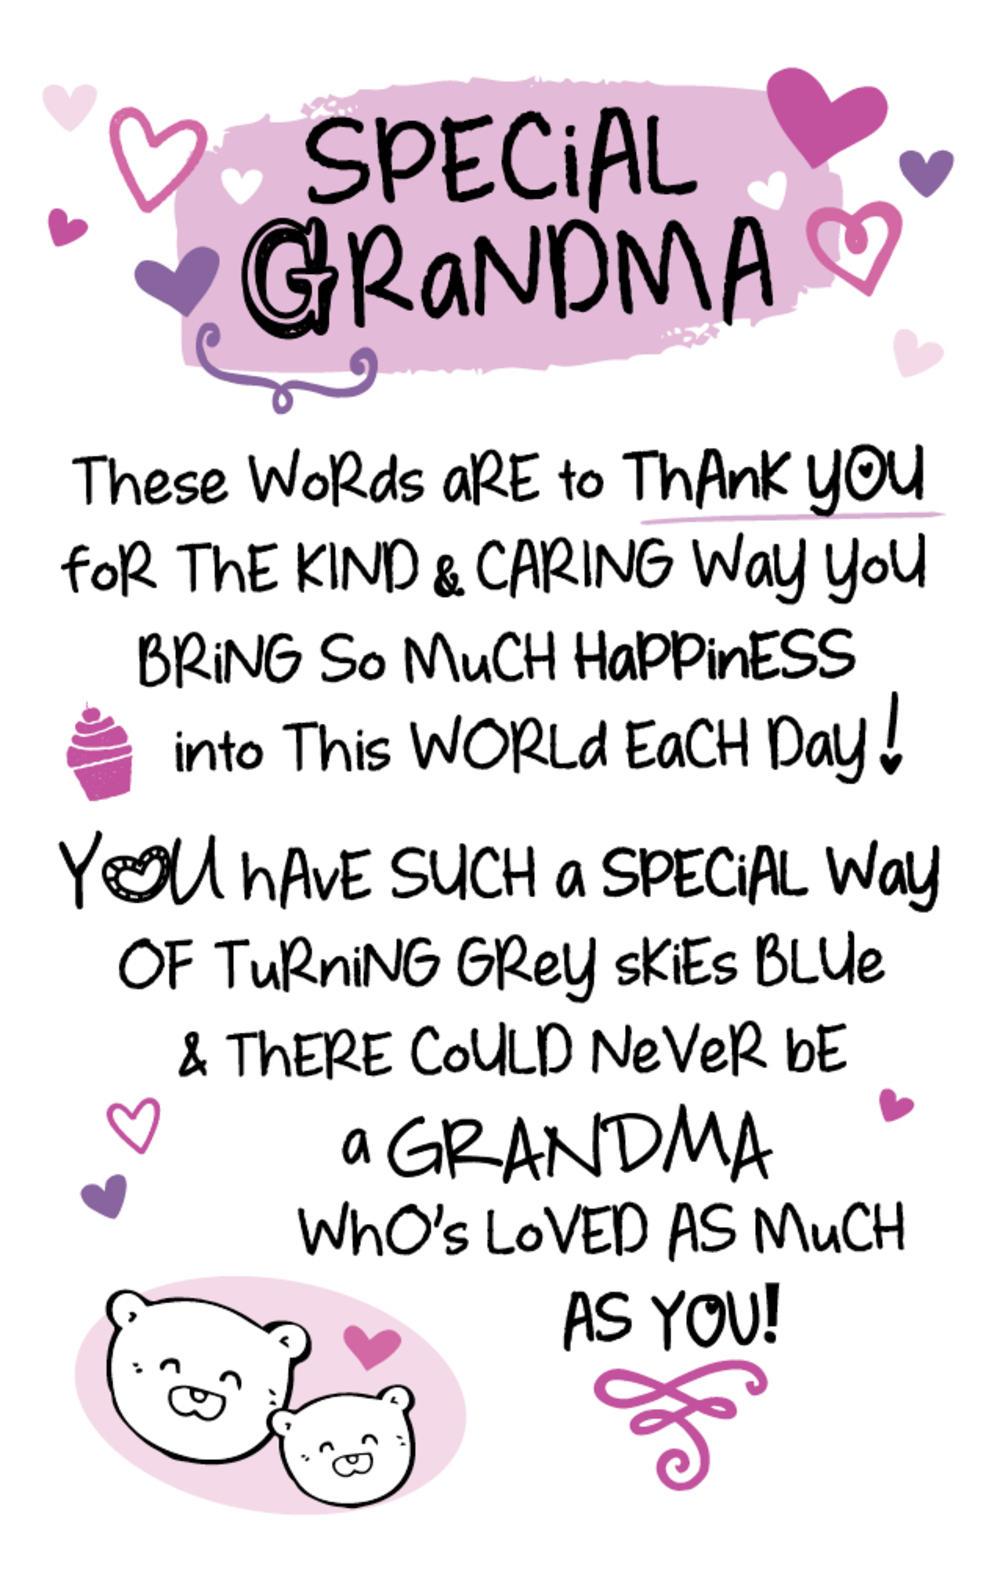 Special Grandma Inspired Words Keepsake Credit Card & Envelope